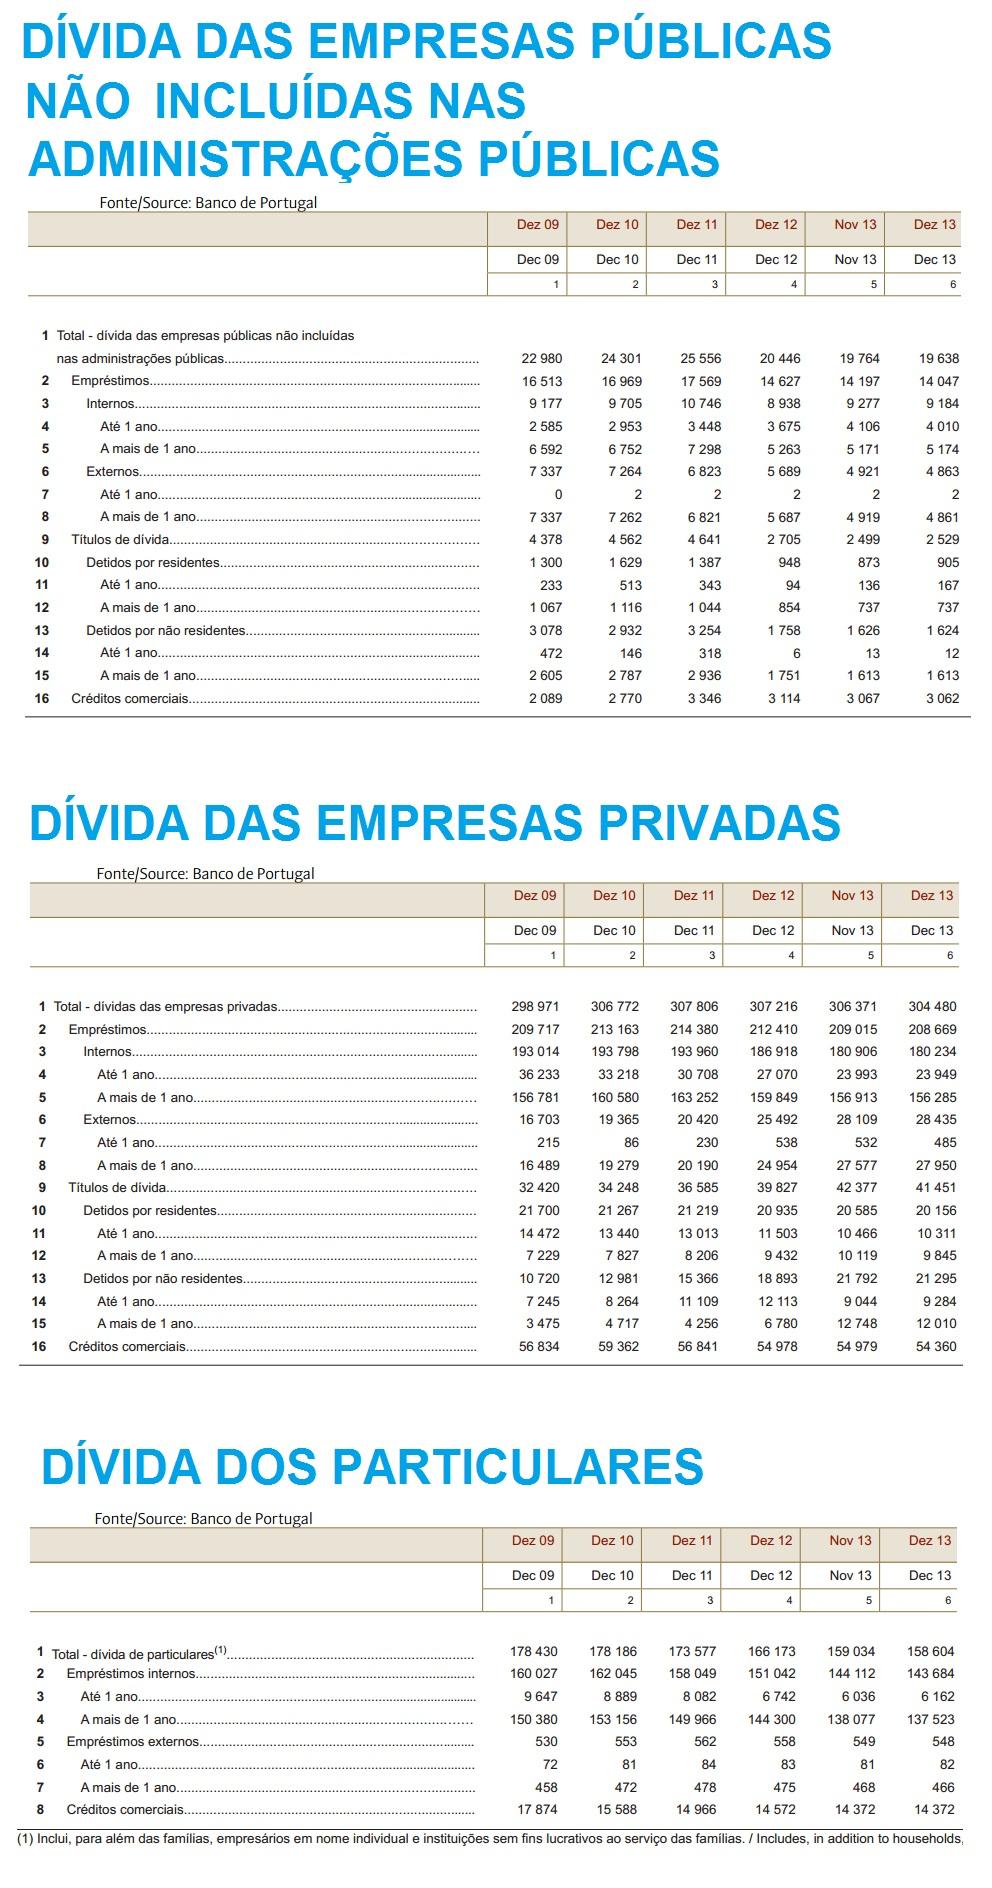 Dívida Pública por setor NÃO INCLUIDA E PARTICULARES em Portugal Dez de 2013_ Totais_2